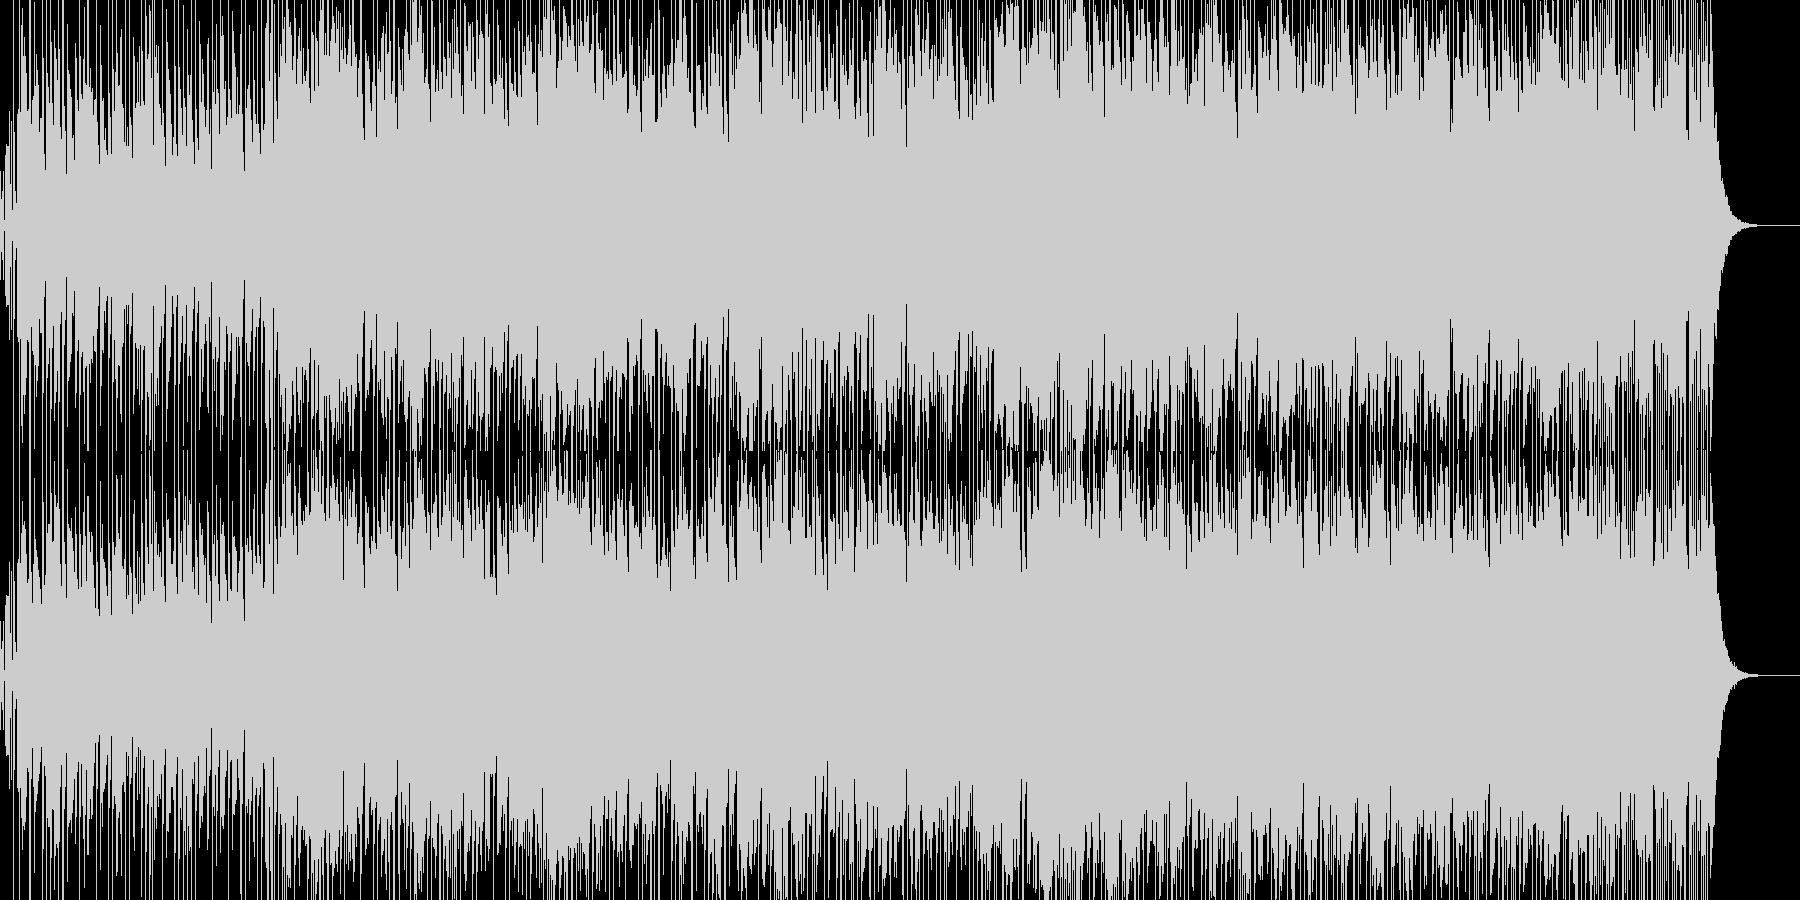 近未来・スタイリッシュ・シンセリードの未再生の波形